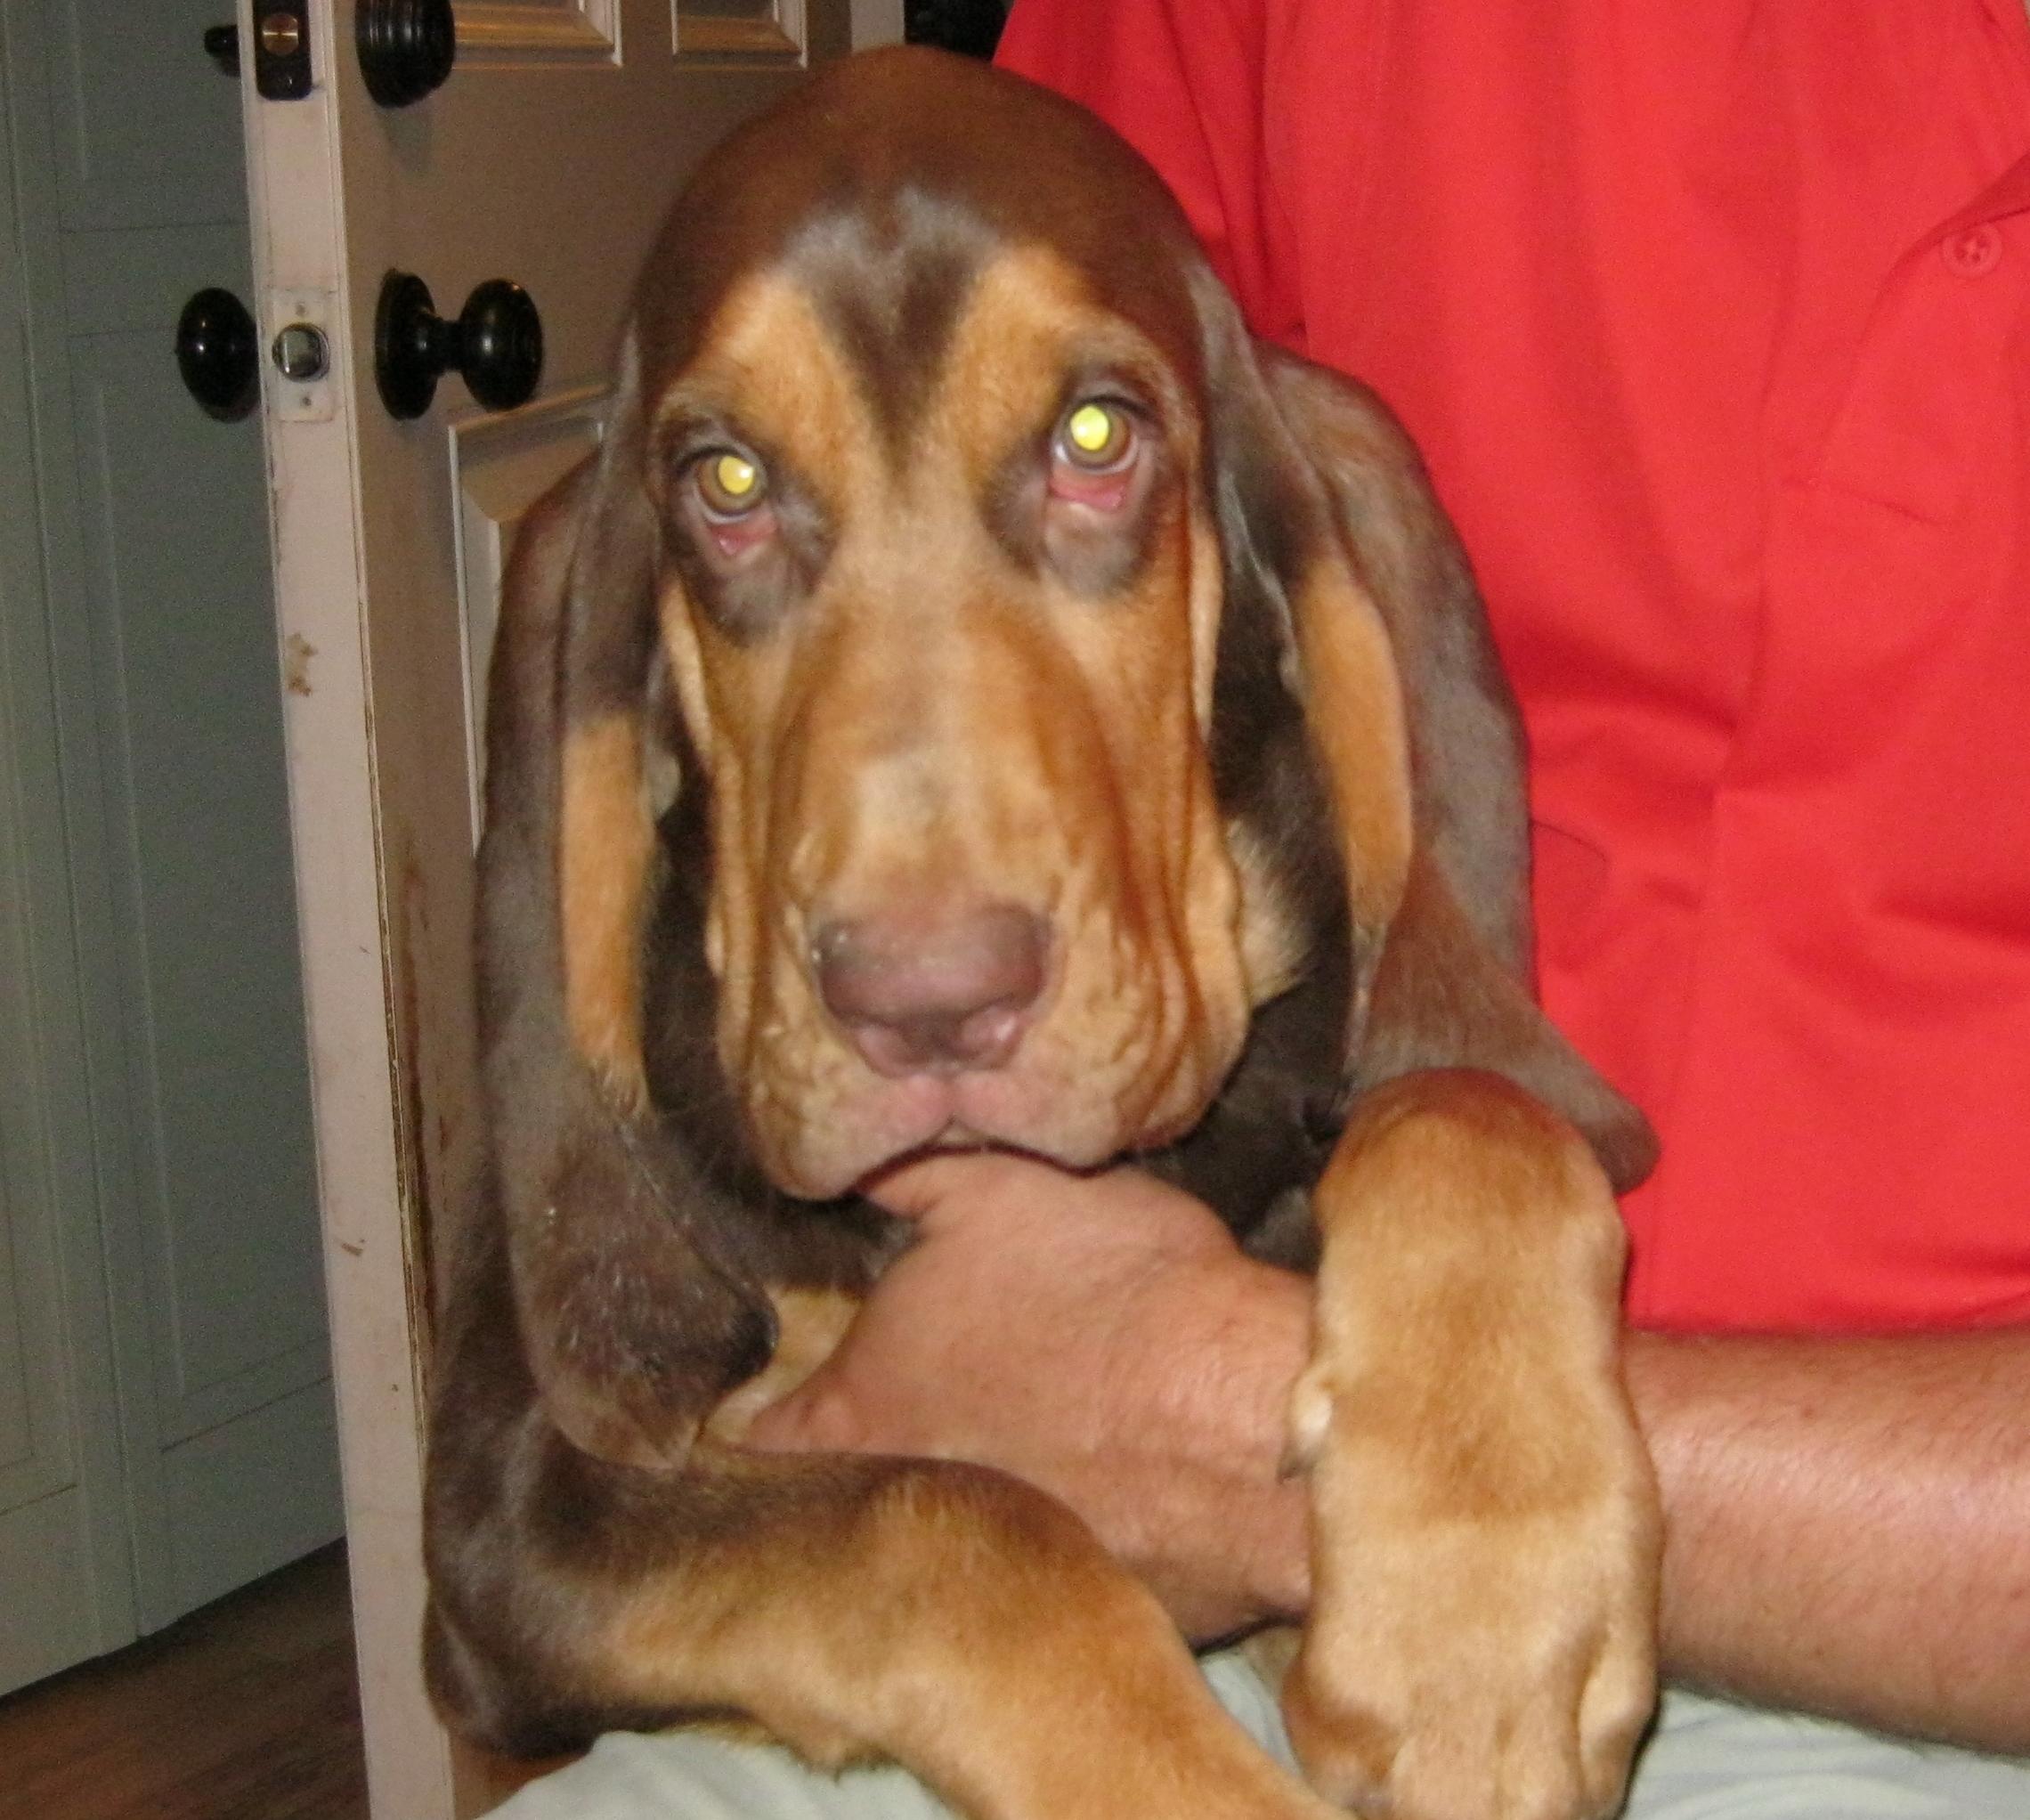 bloodhound dogs rebeccagordon buttermilklipstick